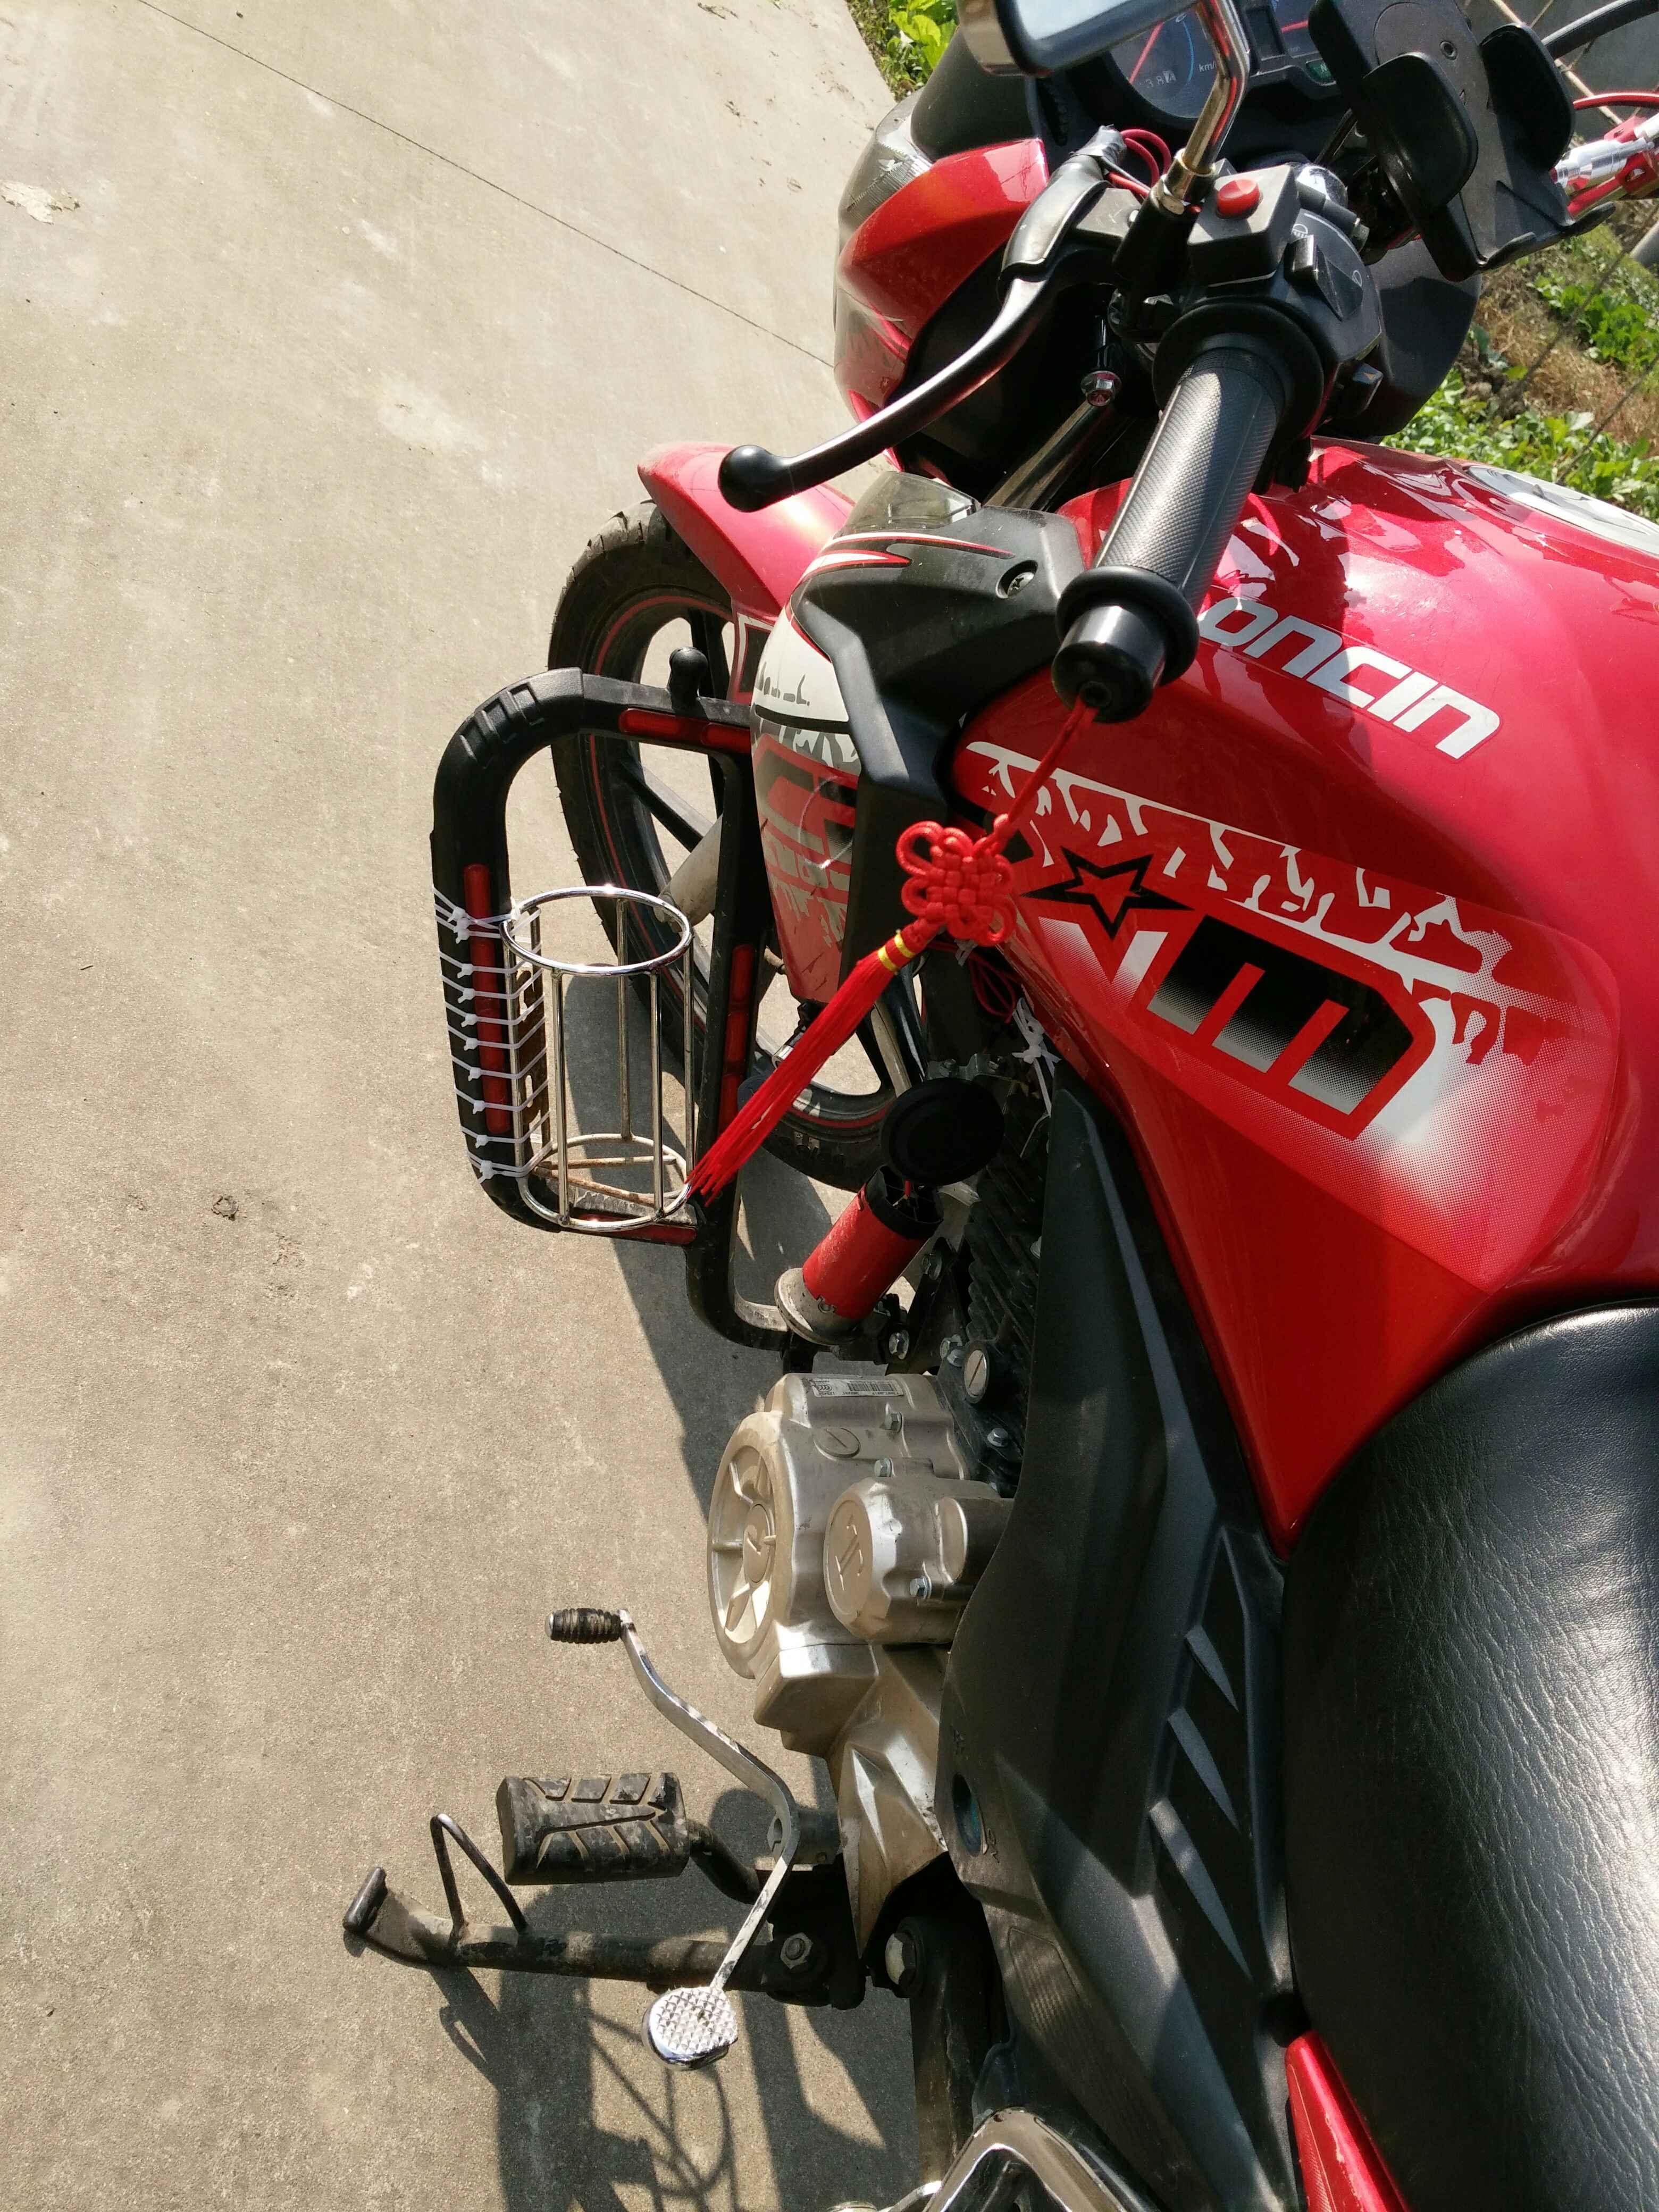 隆鑫牌摩托车